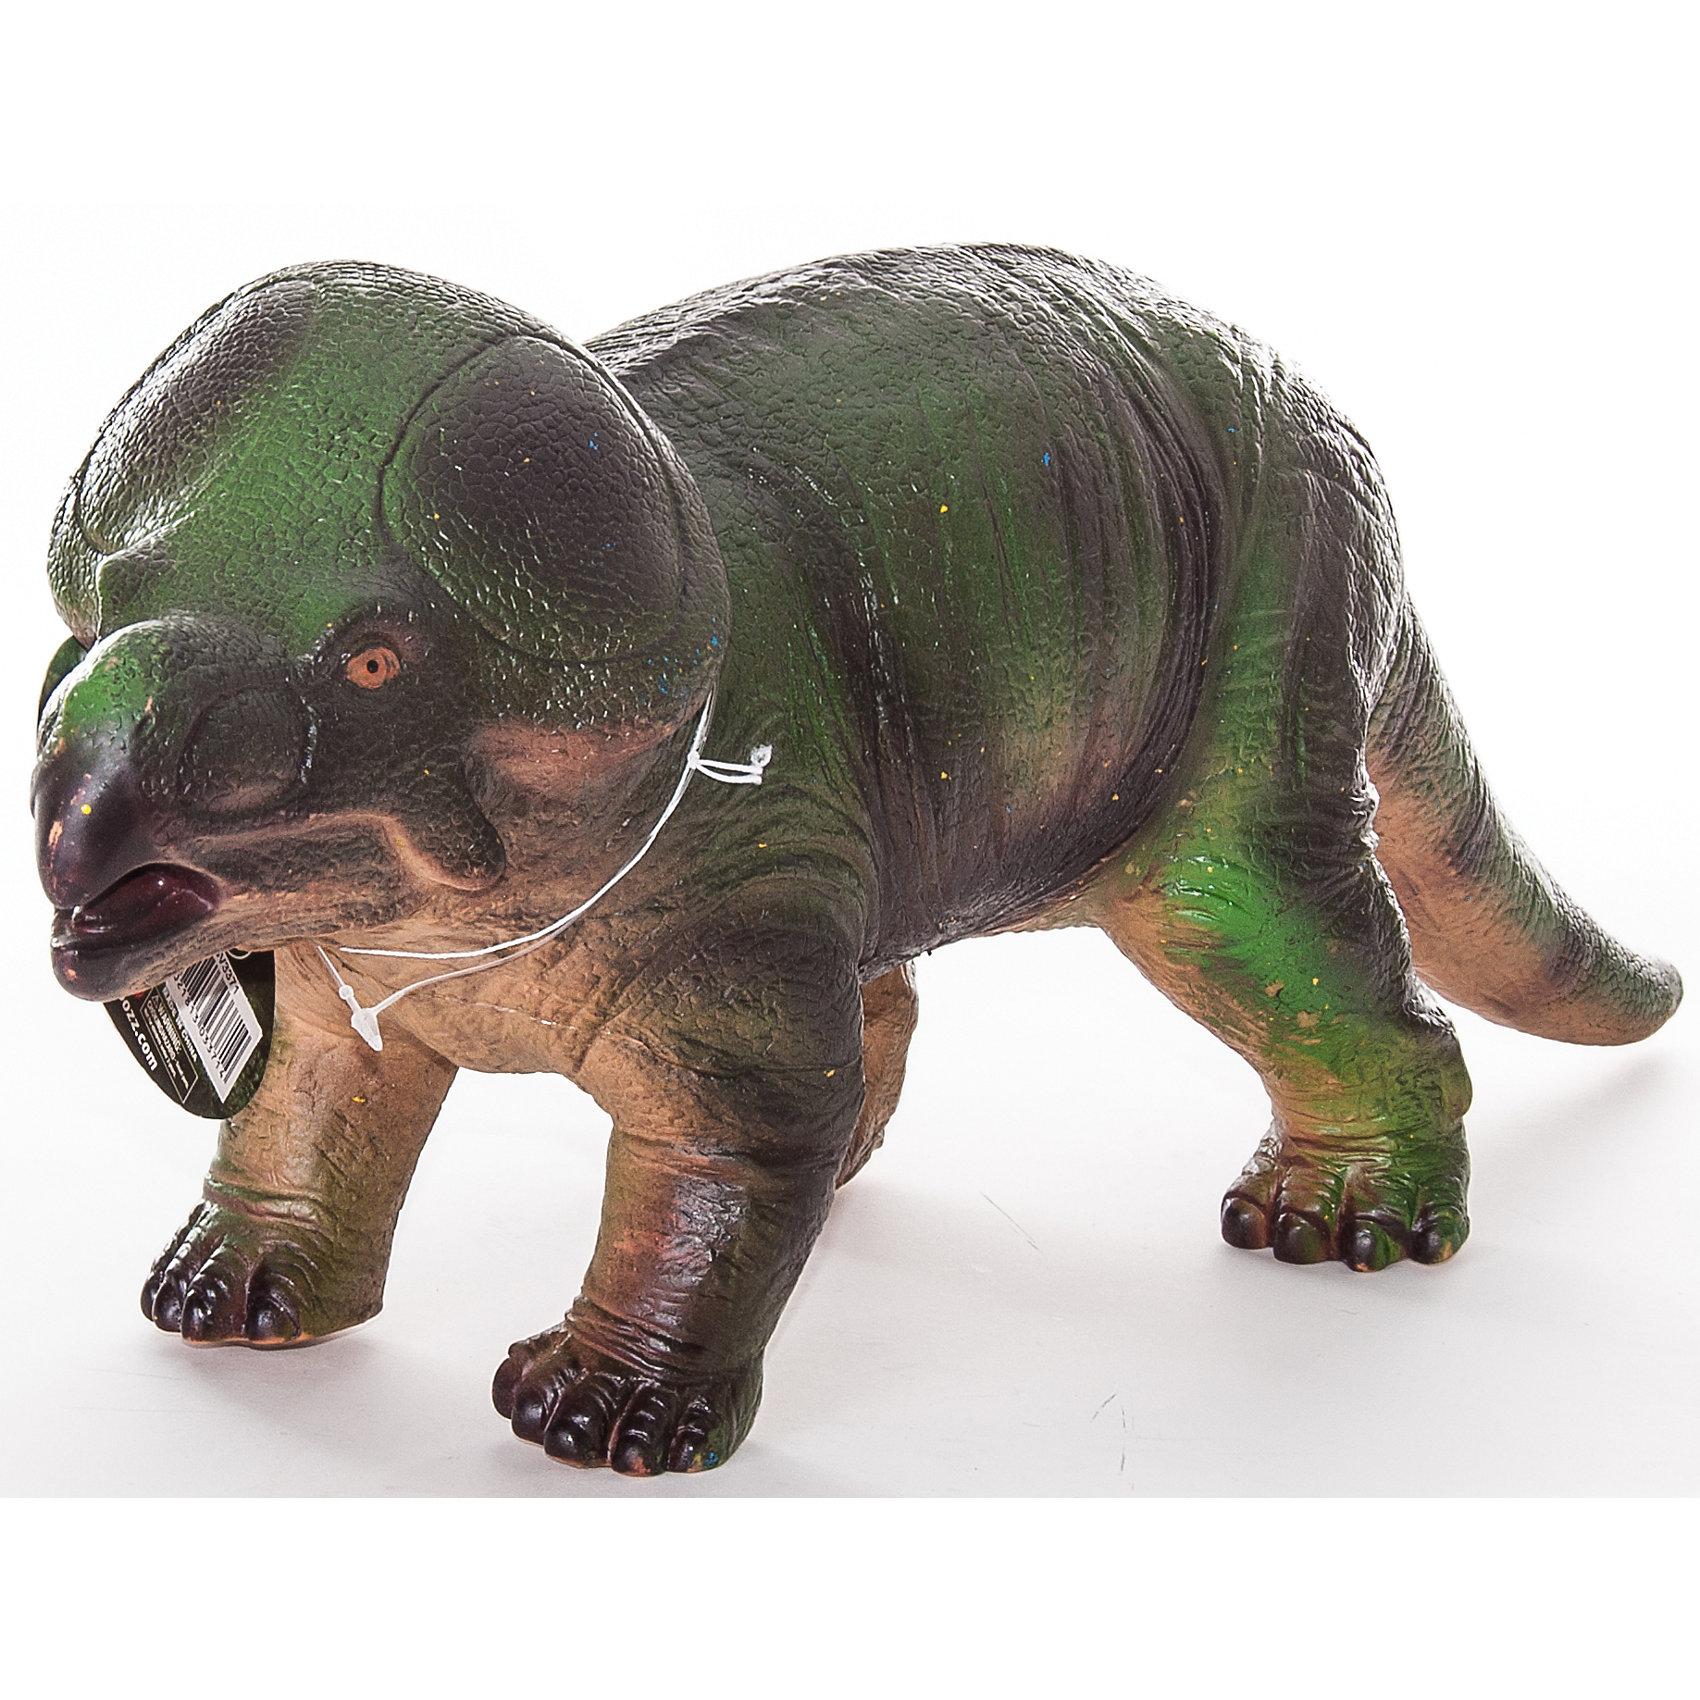 Фигурка динозавра Протоцератопс, HGLДетей всех возрастов привлекают фильмы и рассказы о доисторических временах и чудесных динозаврах, населявших Землю до возникновения человека. Подстегните фантазию юного любителя древностей - подарите ему динозавра из серии игрушек HGL. Специалисты компании создавали игрушки максимально похожими на своих прародителей, поэтому динозавры HGL такие интересные. Протоцератопс - фигурка травоядного доисторического ящера средних размеров. Он достигал в длину 2 метров, а челюсть его оканчивалась массивным клювом, благодаря которому Протоцератопс мог откусывать ветки. Протоцератопс передвигался на четырех лапах и имел костный воротник вокруг шеи, который помогал ему не стать легкой добычей для хищников. Ни одна история об эре динозавров невозможна без этого необычного динозавра. Ребенок будет в восторге от такого замечательного подарка. Массивный динозавр сделан из мягкого ПВХ безопасного для детей. Внушительные размеры и отличная детализация Протоцератопса помогут ребенку окунуться в далекий и такой манящий доисторический мир, полный приключений.<br><br>Дополнительная информация:<br><br>- Внешний вид фигурки основан на реальных данных палеонтологов;<br>- Материал: ПВХ;<br>- Размер фигурки: 40 см;<br>- Размер упаковки: 44 х 17 х 12,5 см;<br>- Вес: 750 г<br><br>Фигурку динозавра Протоцератопс, HGL можно купить в нашем интернет-магазине.<br><br>Ширина мм: 440<br>Глубина мм: 170<br>Высота мм: 125<br>Вес г: 750<br>Возраст от месяцев: 36<br>Возраст до месяцев: 192<br>Пол: Унисекс<br>Возраст: Детский<br>SKU: 4135942